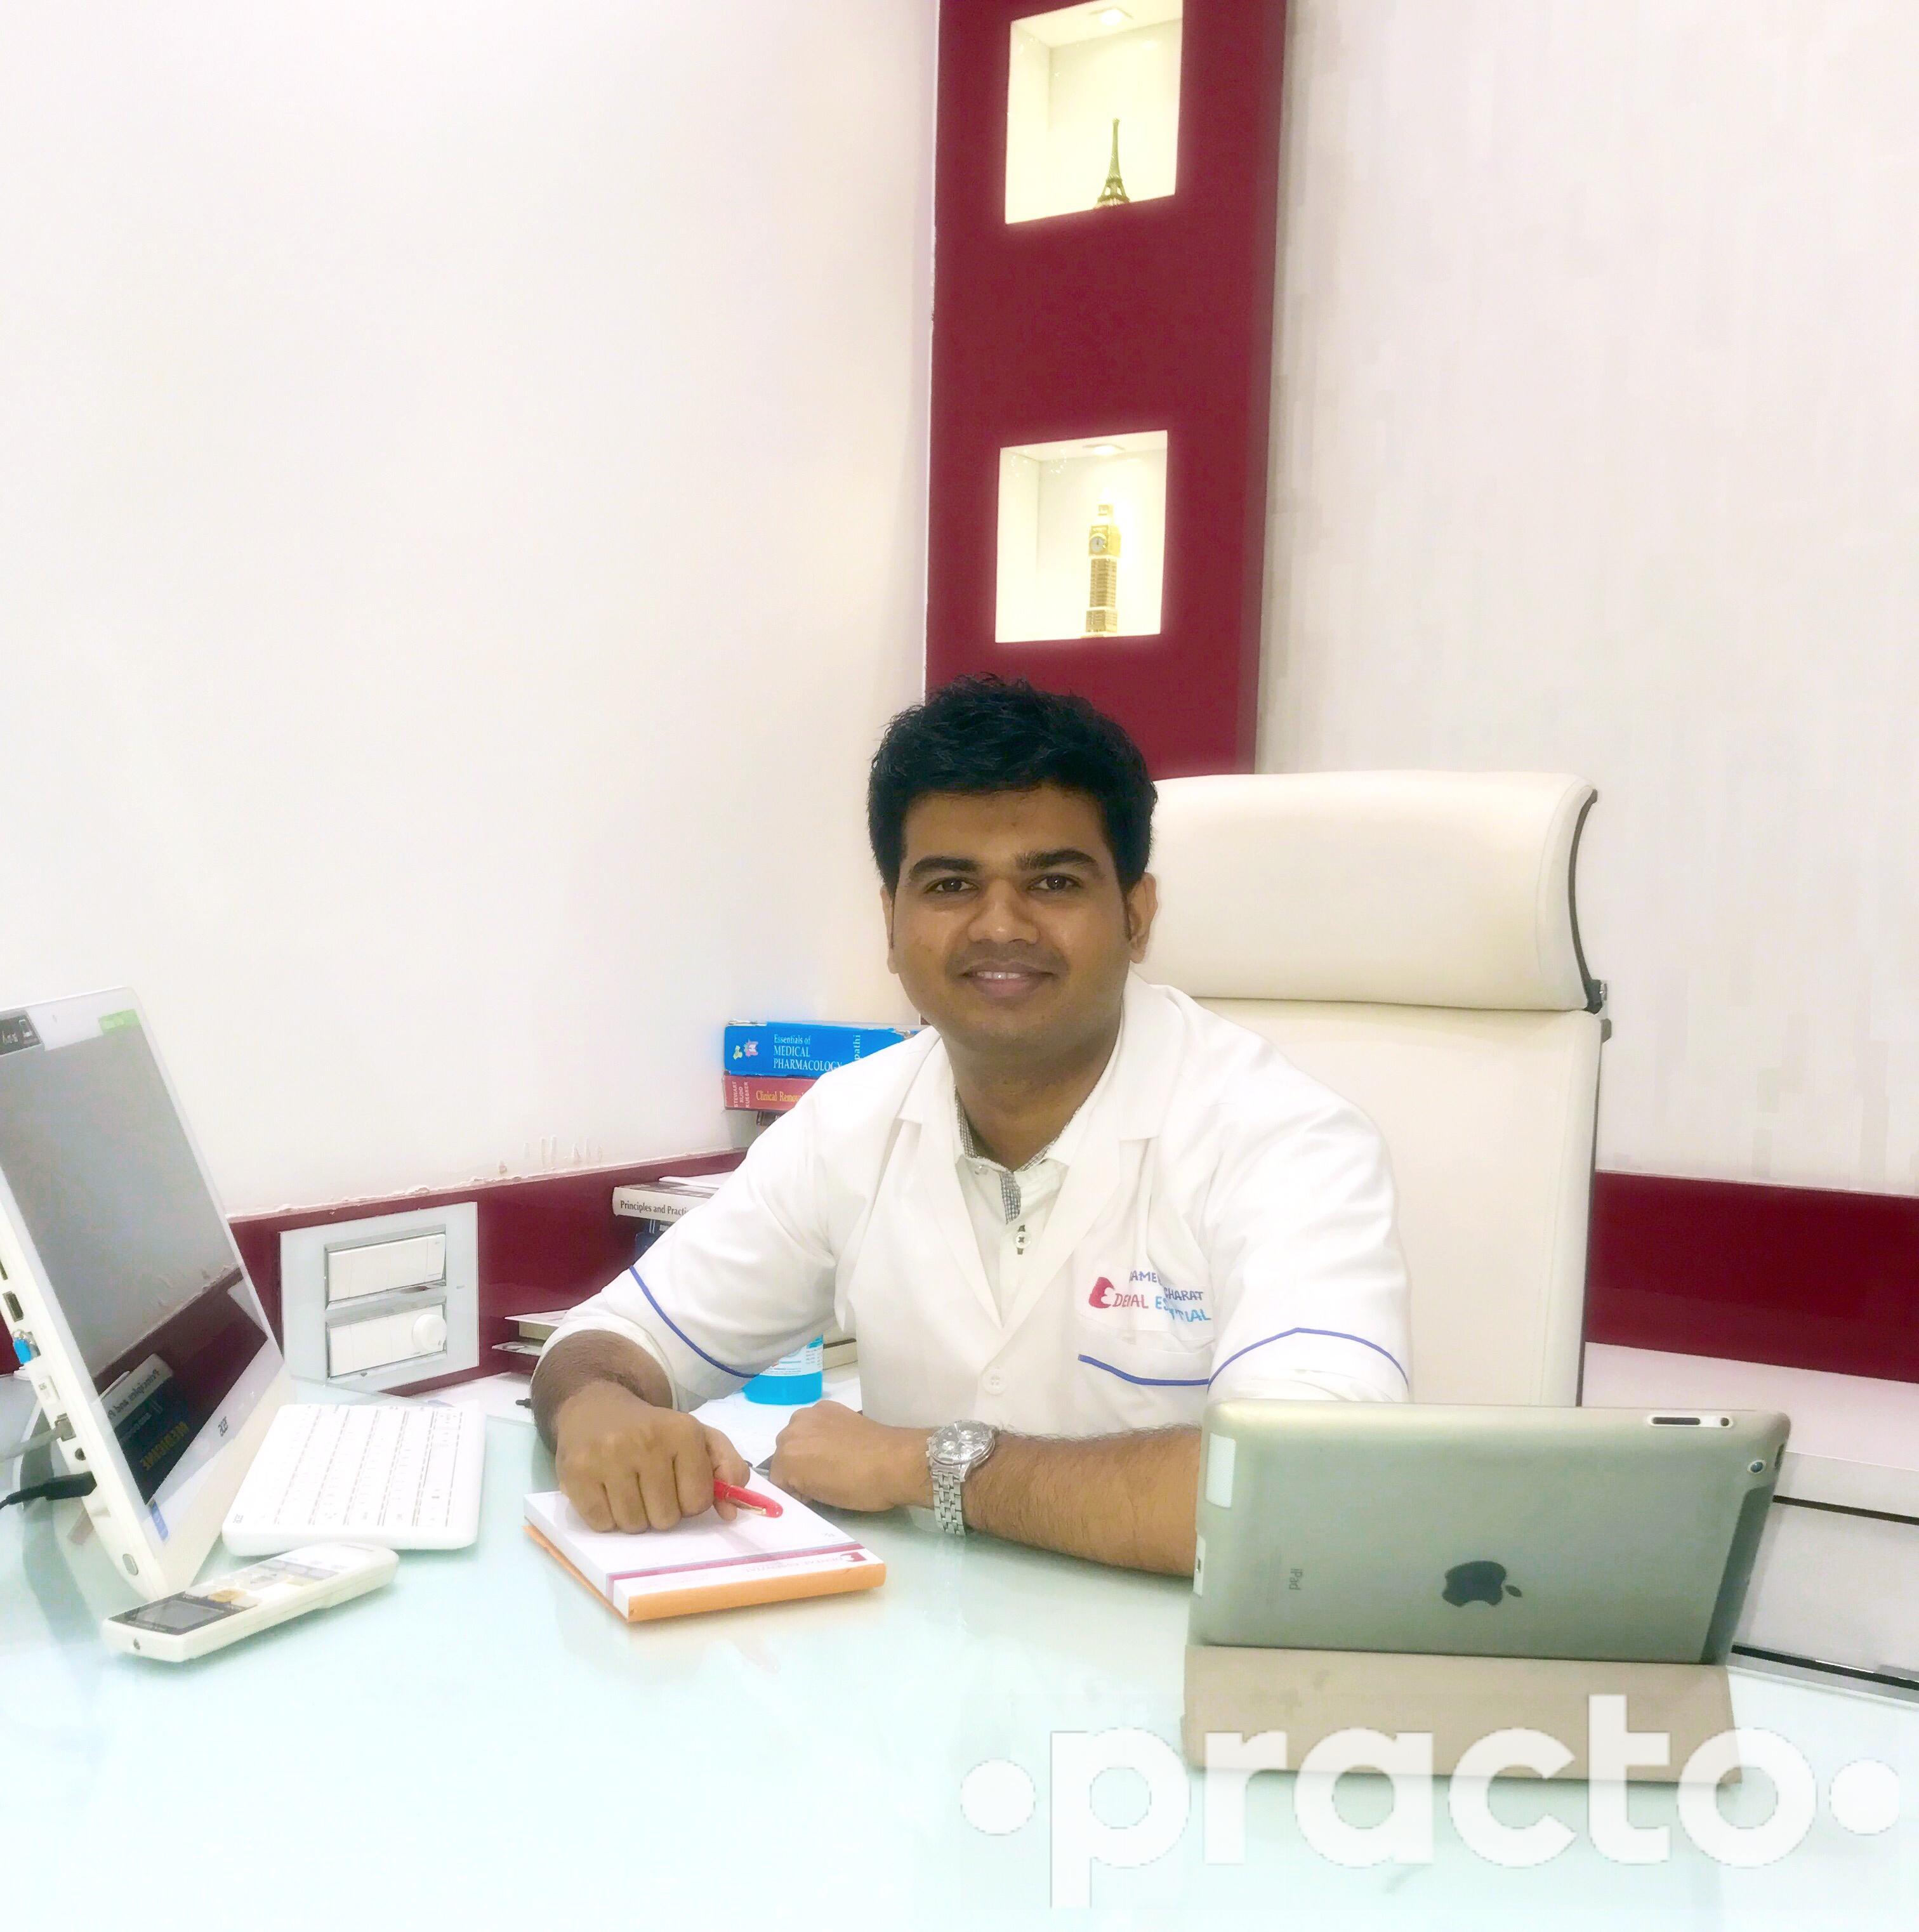 Dr. Sameer Gharat